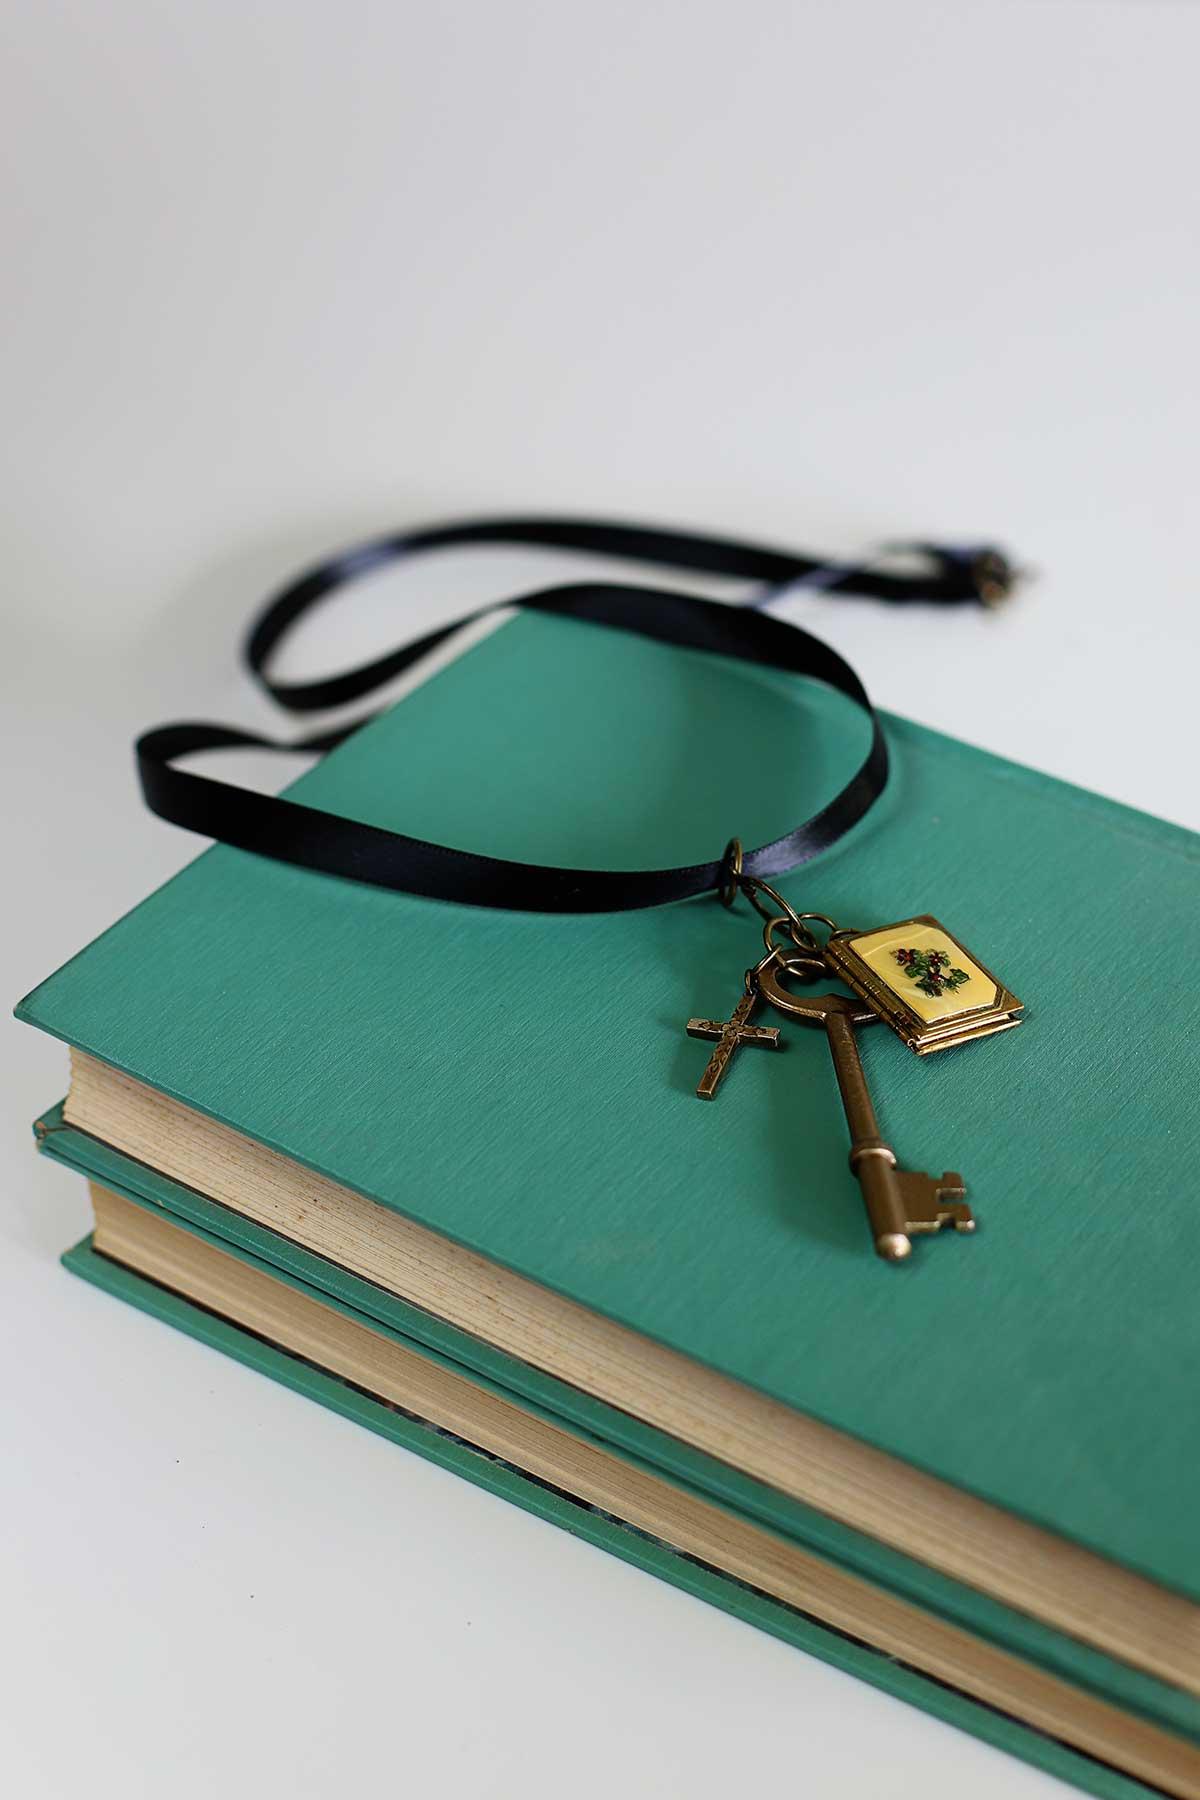 Colar com chave de esqueleto do vintage DIY sentado sobre uma pilha de livros aquáticos.